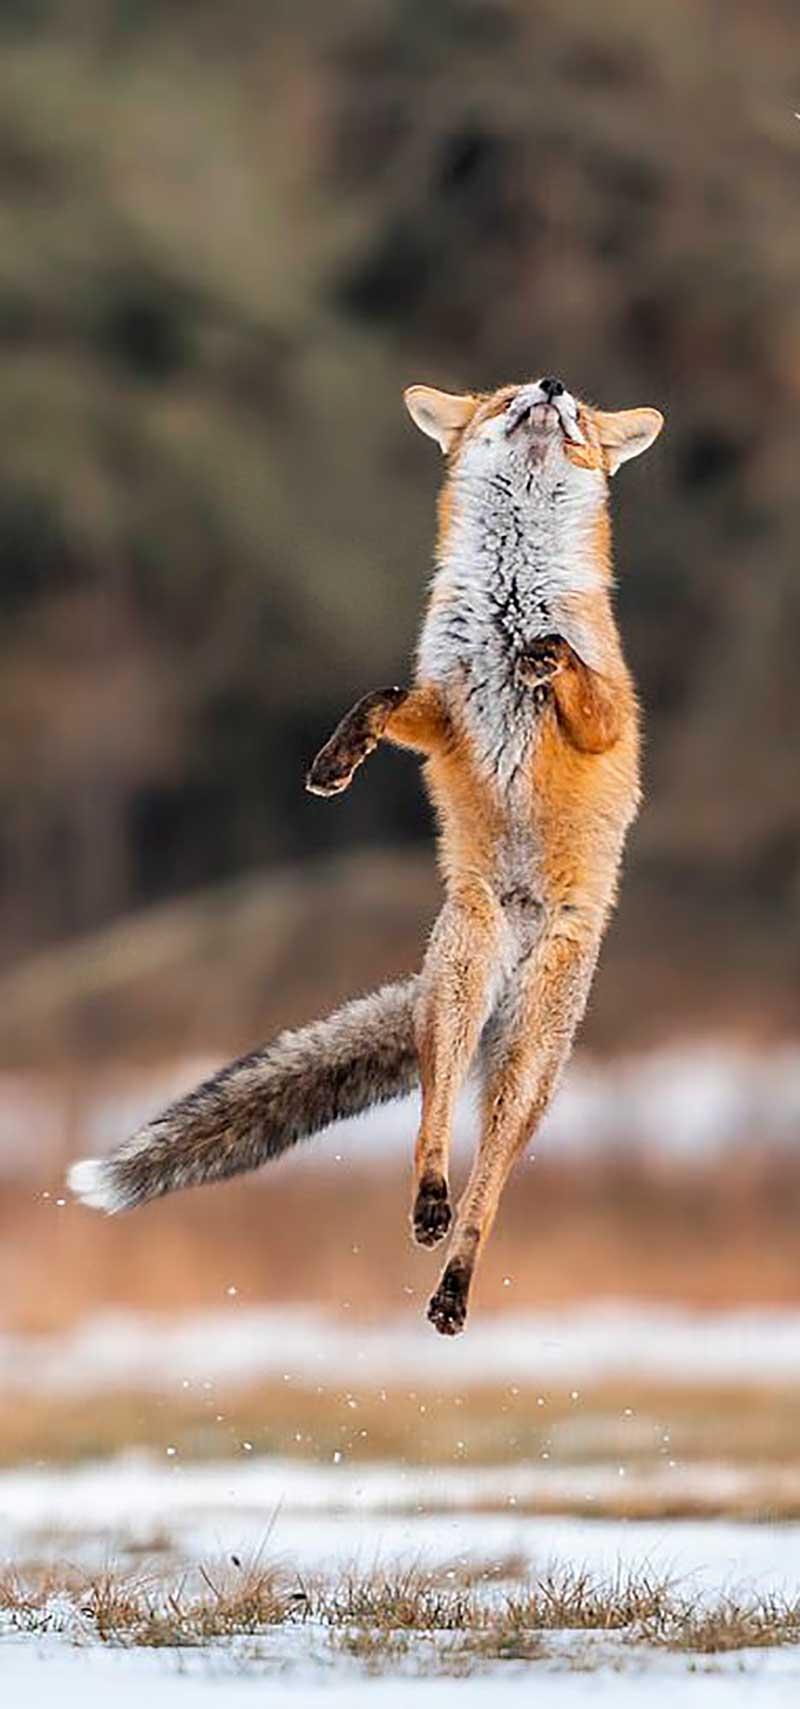 وقتی روباه از خوشحالی سر از پا نمیشناسد! (تصاویر)